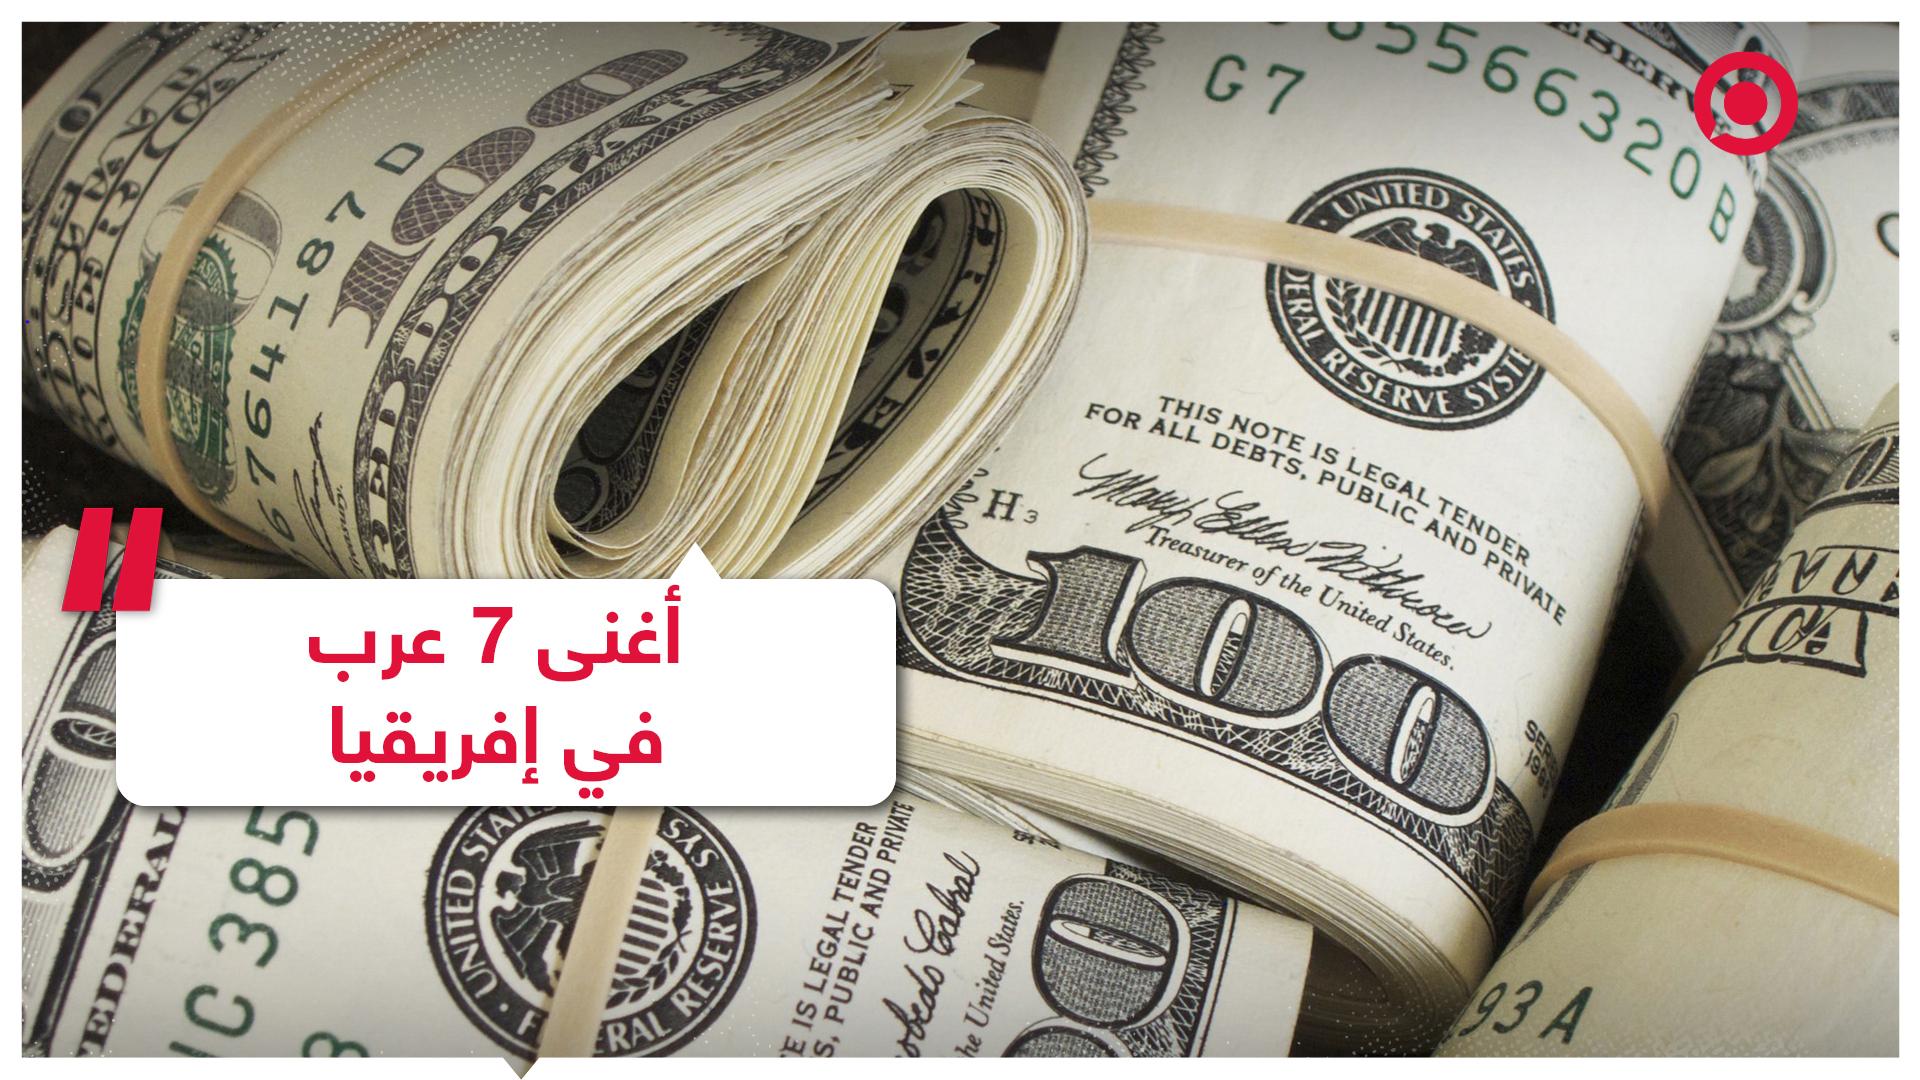 7 أثرياء عرب بين أغنى 15 شخصا في إفريقيا